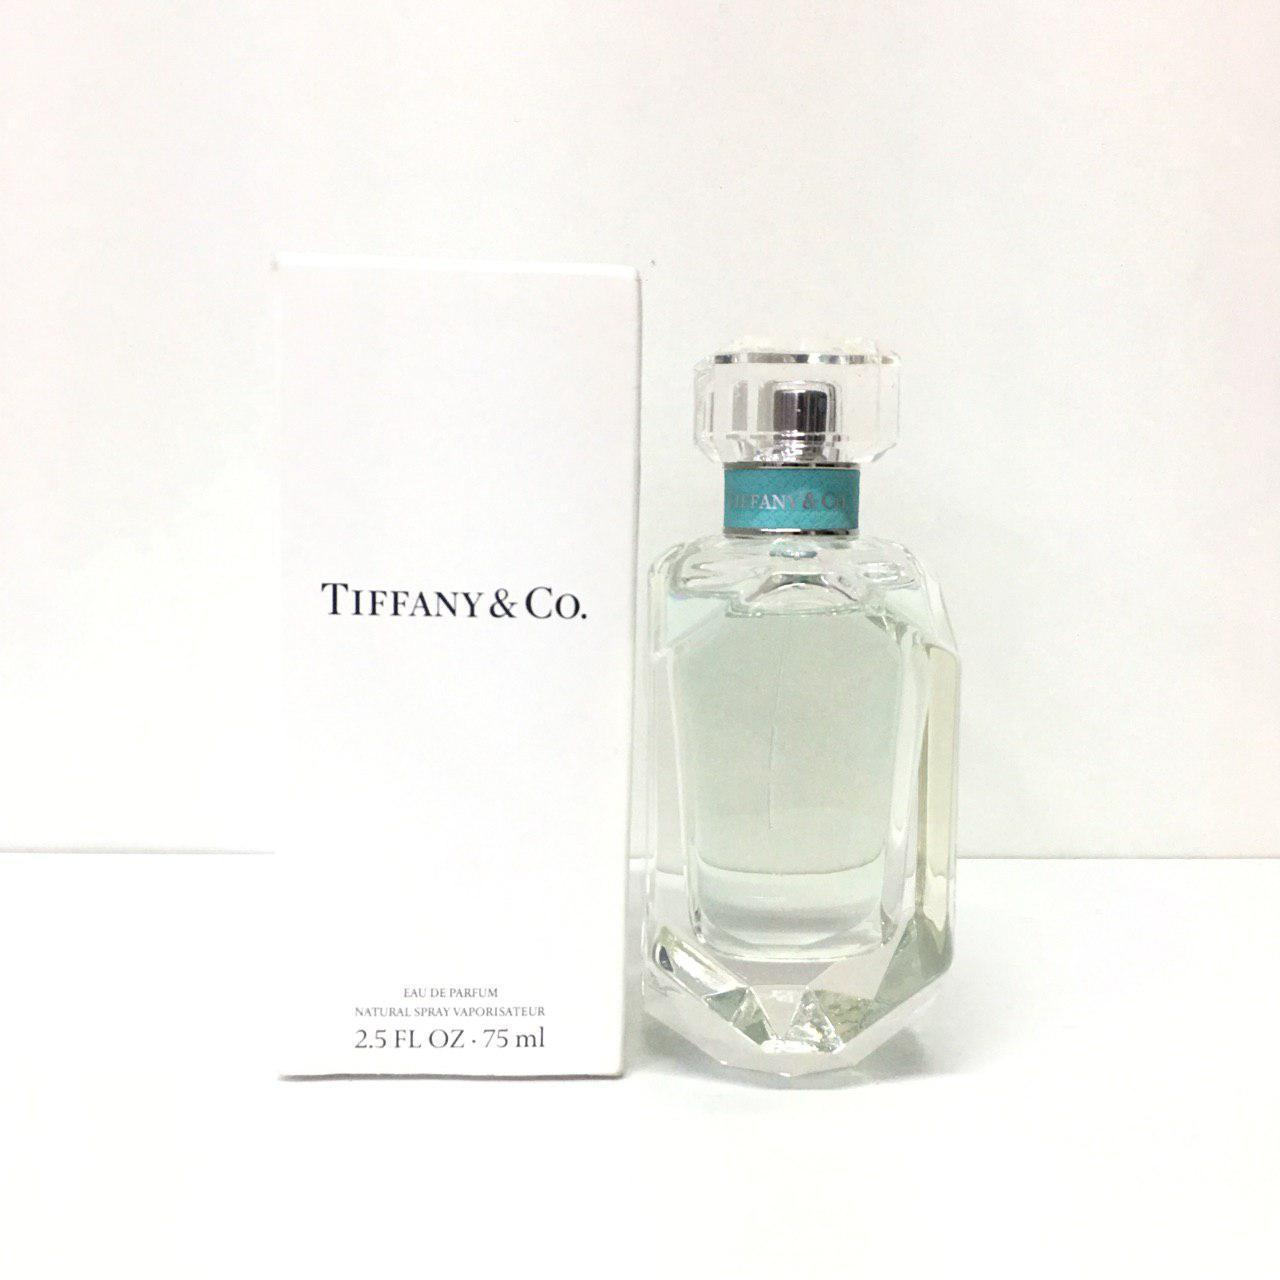 Оригинальные женские духи TIFFANY & CO Tiffany 75ml парфюмированная вода ТЕСТЕР, мускусный цитрусовый аромат